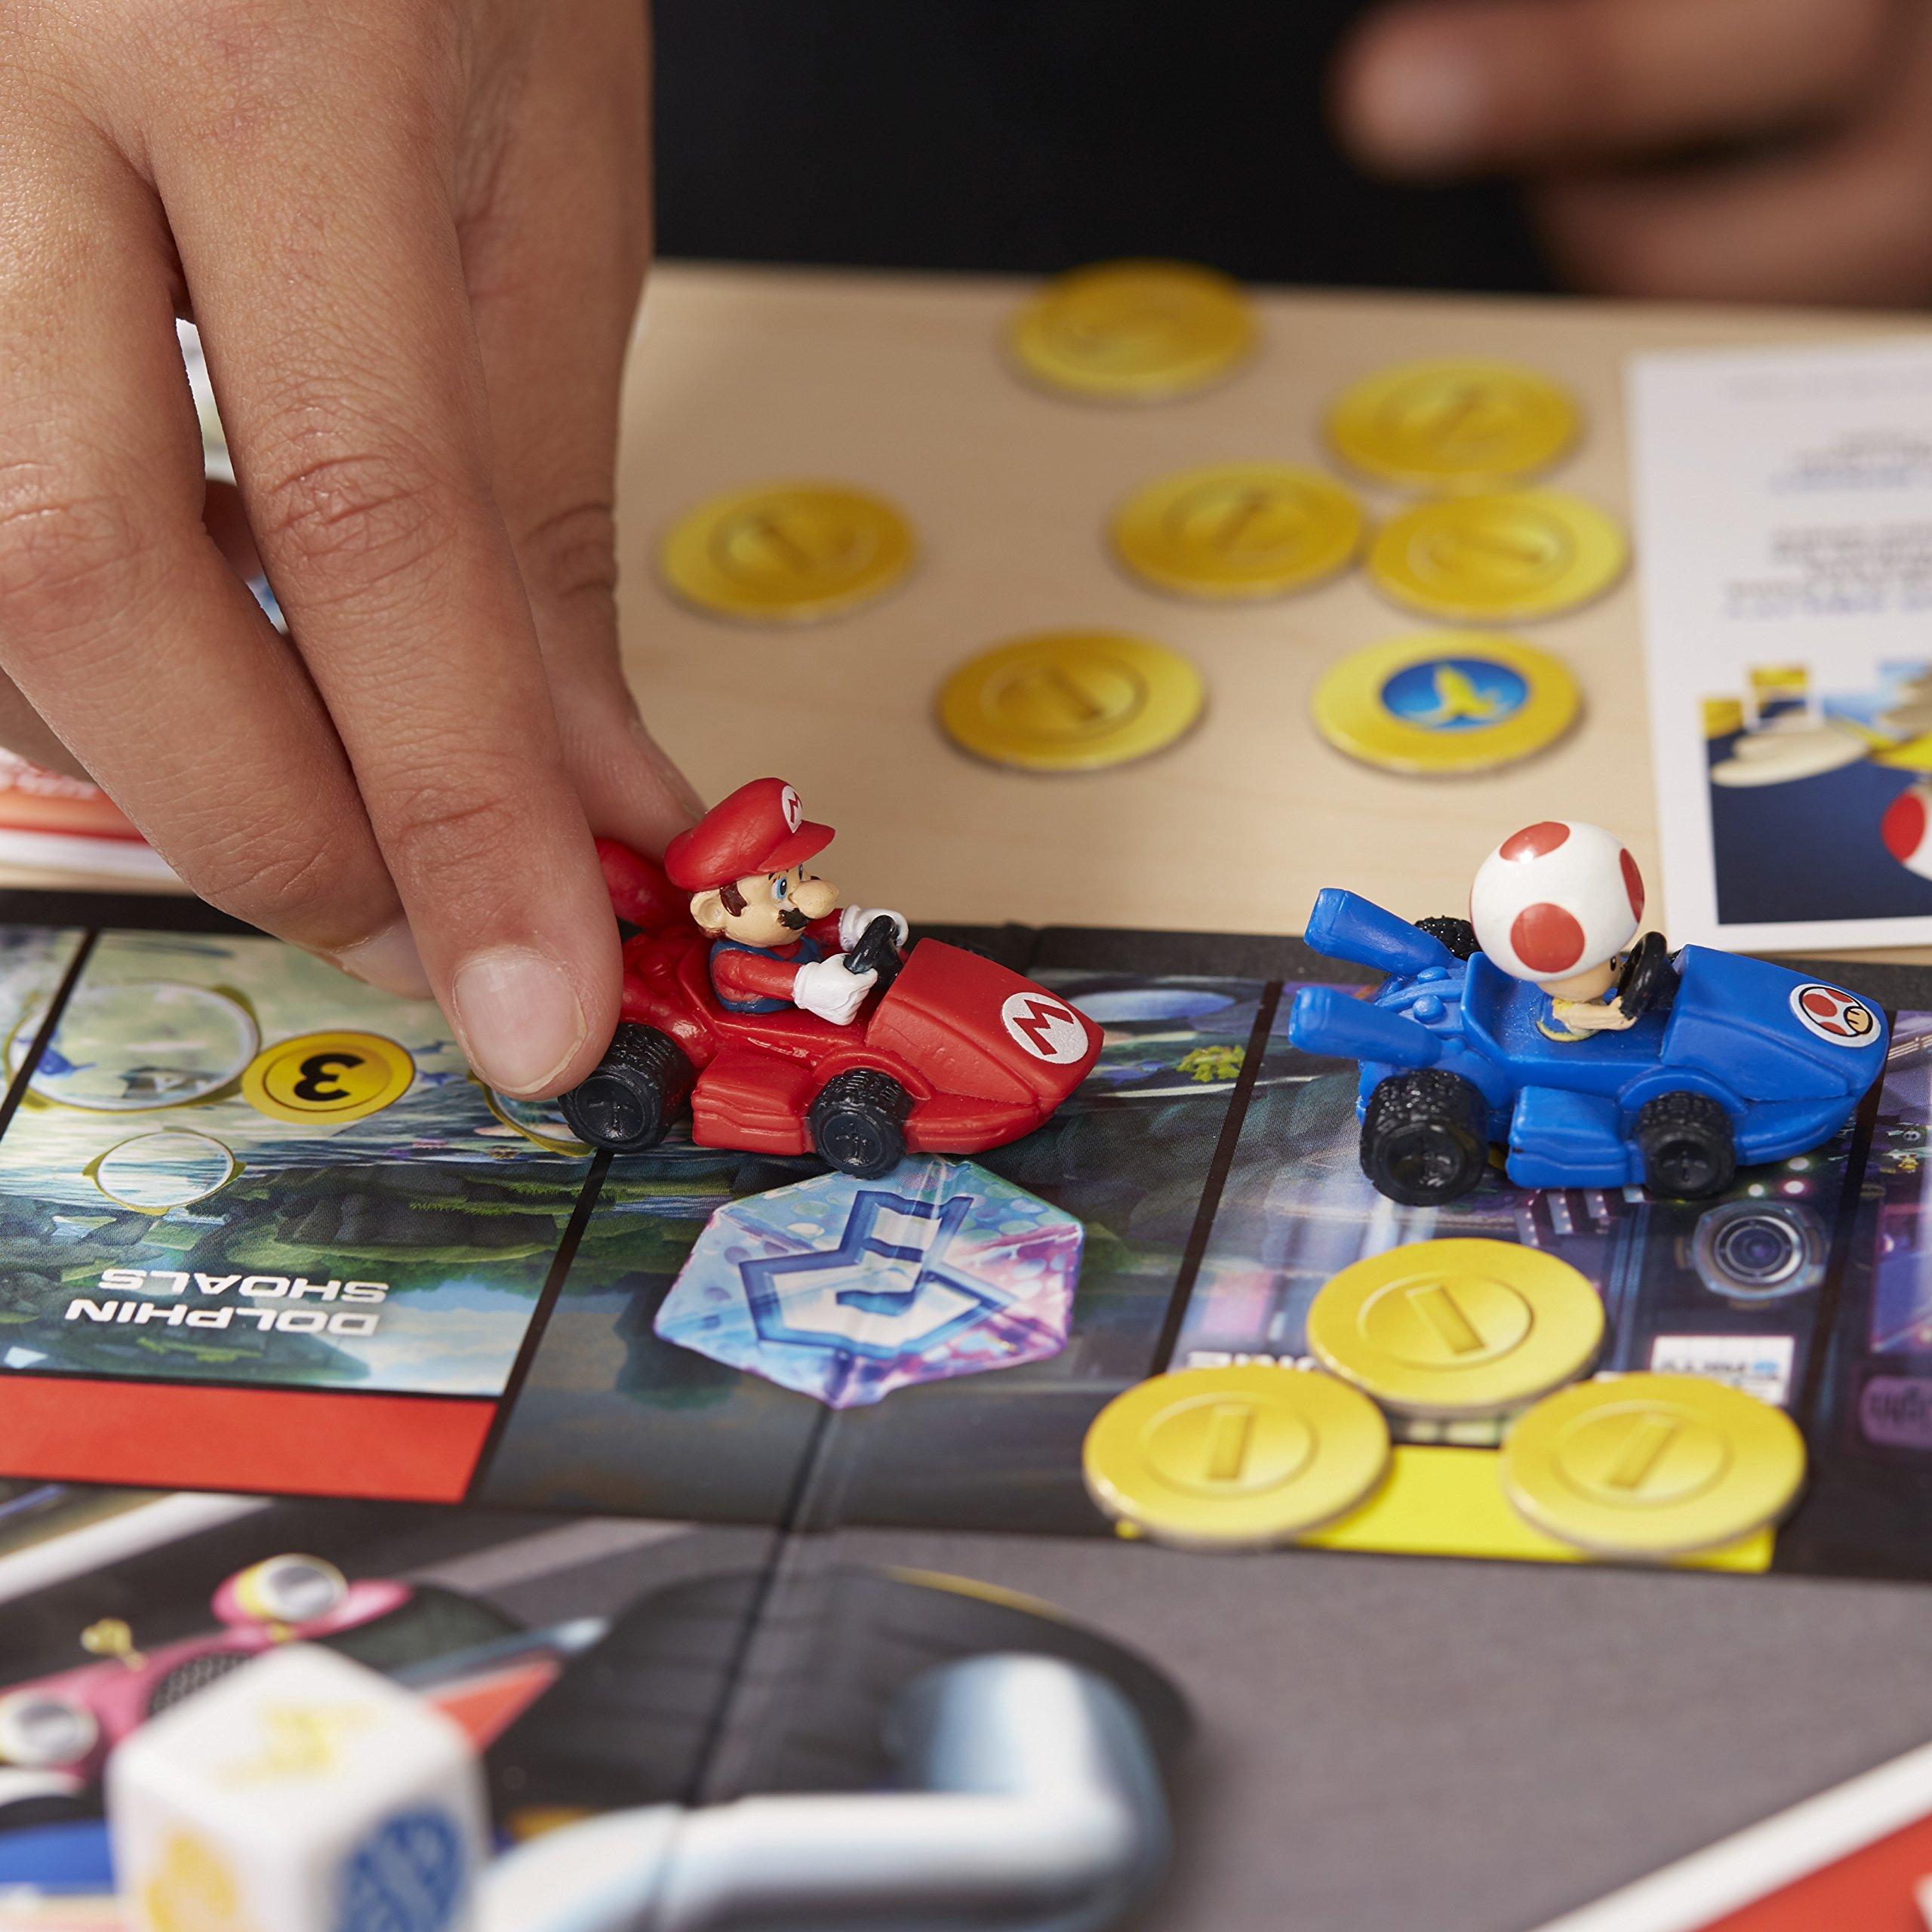 Hasbro Monopoly Gamer Mario Kart Simulación económica Niños y Adultos - Juego de Tablero (Simulación económica, Niños y Adultos, Niño/niña, 8 año(s), 32 Pieza(s), Caja): Amazon.es: Juguetes y juegos